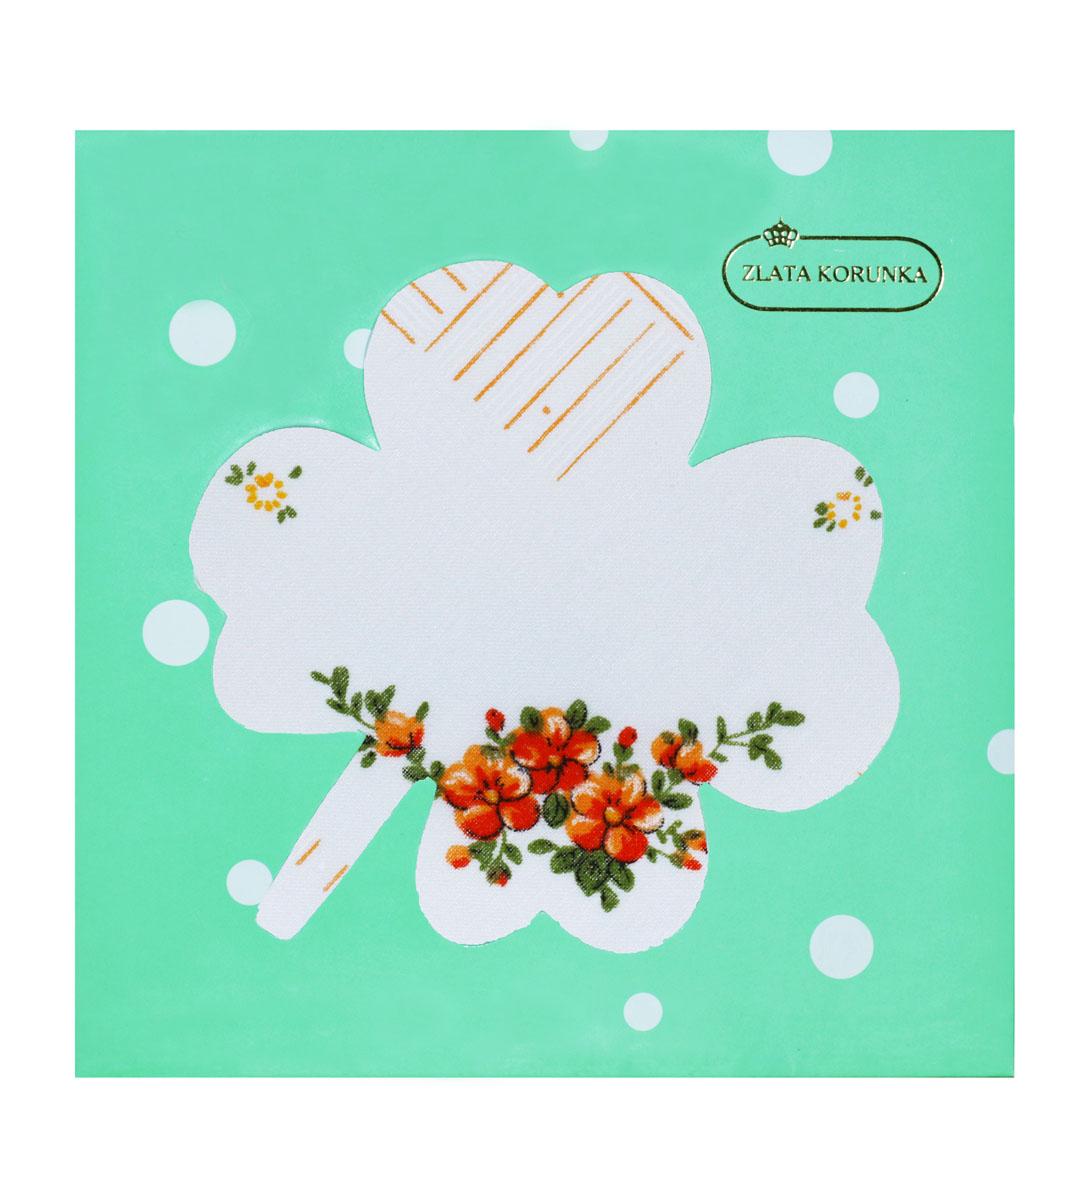 90126-18 Zlata Korunka Носовой платок женский, цвет: мультиколор, 28х28 см90126-18Платки носовые женские в упаковке по 1 шт. Носовые платки изготовлены из 100% хлопка, так как этот материал приятен в использовании, хорошо стирается, не садится, отлично впитывает влагу.